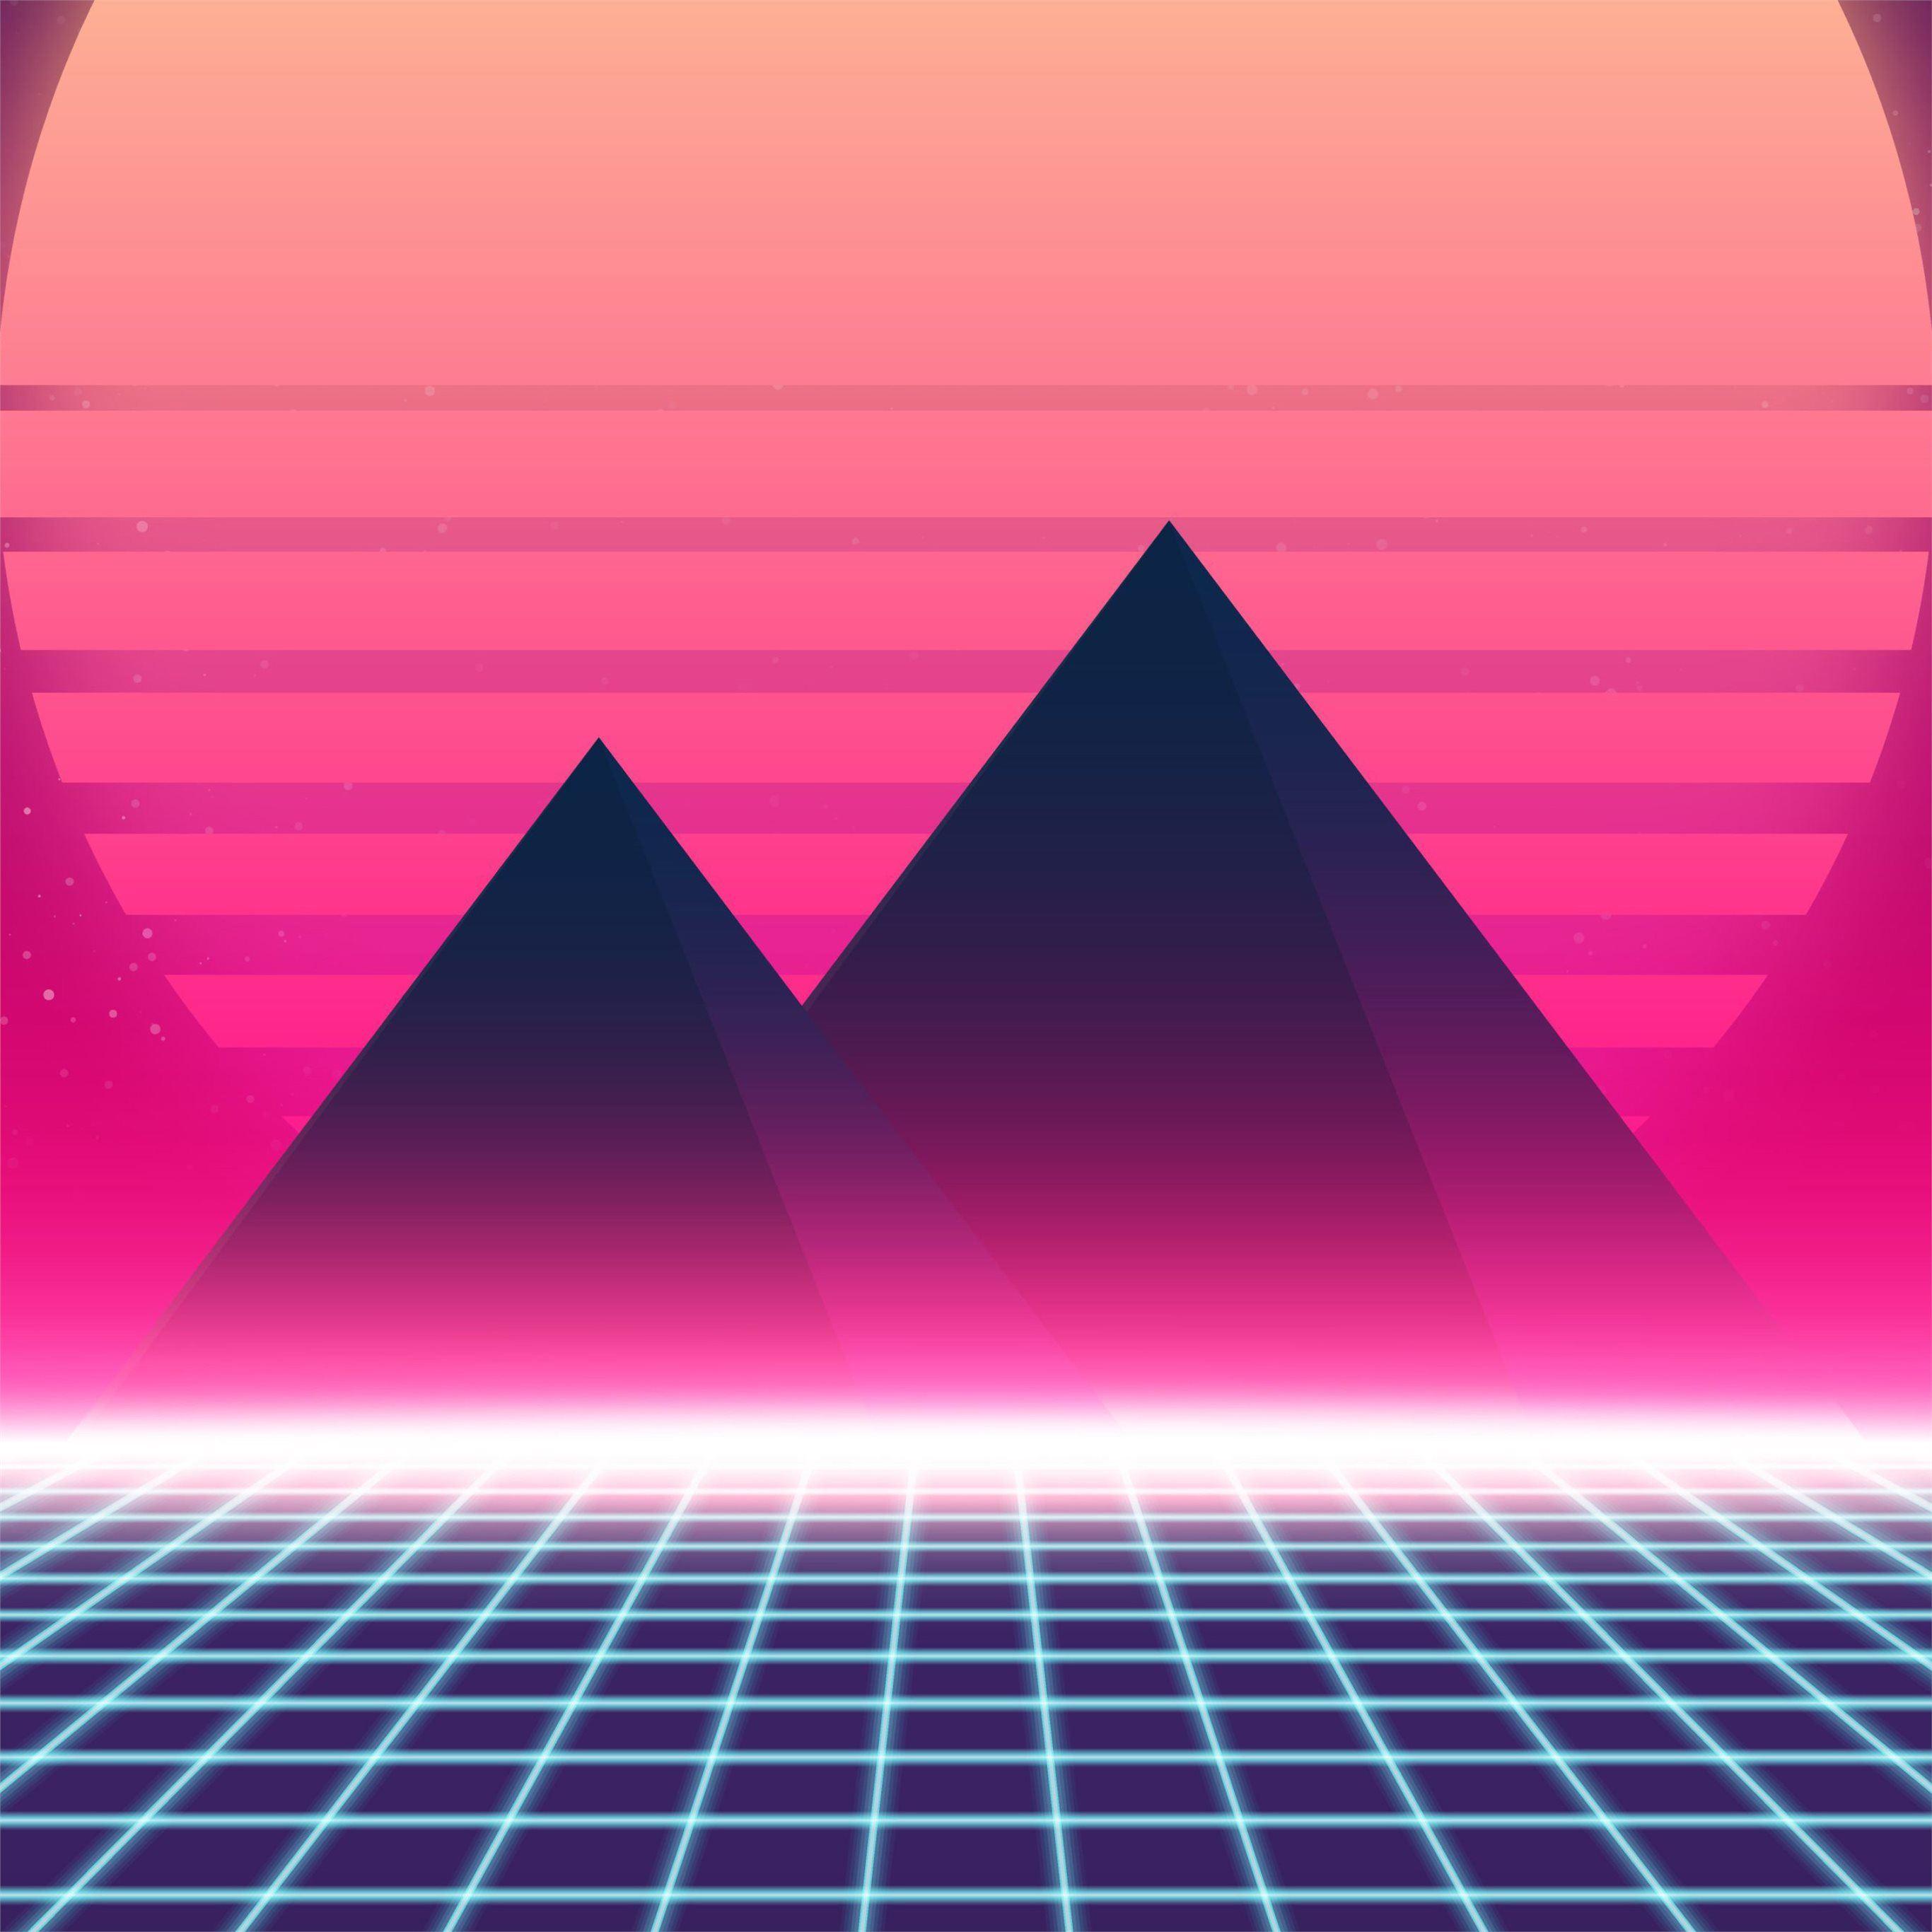 Best Retrowave Ipad Pro Wallpapers Hd Ilikewallpaper